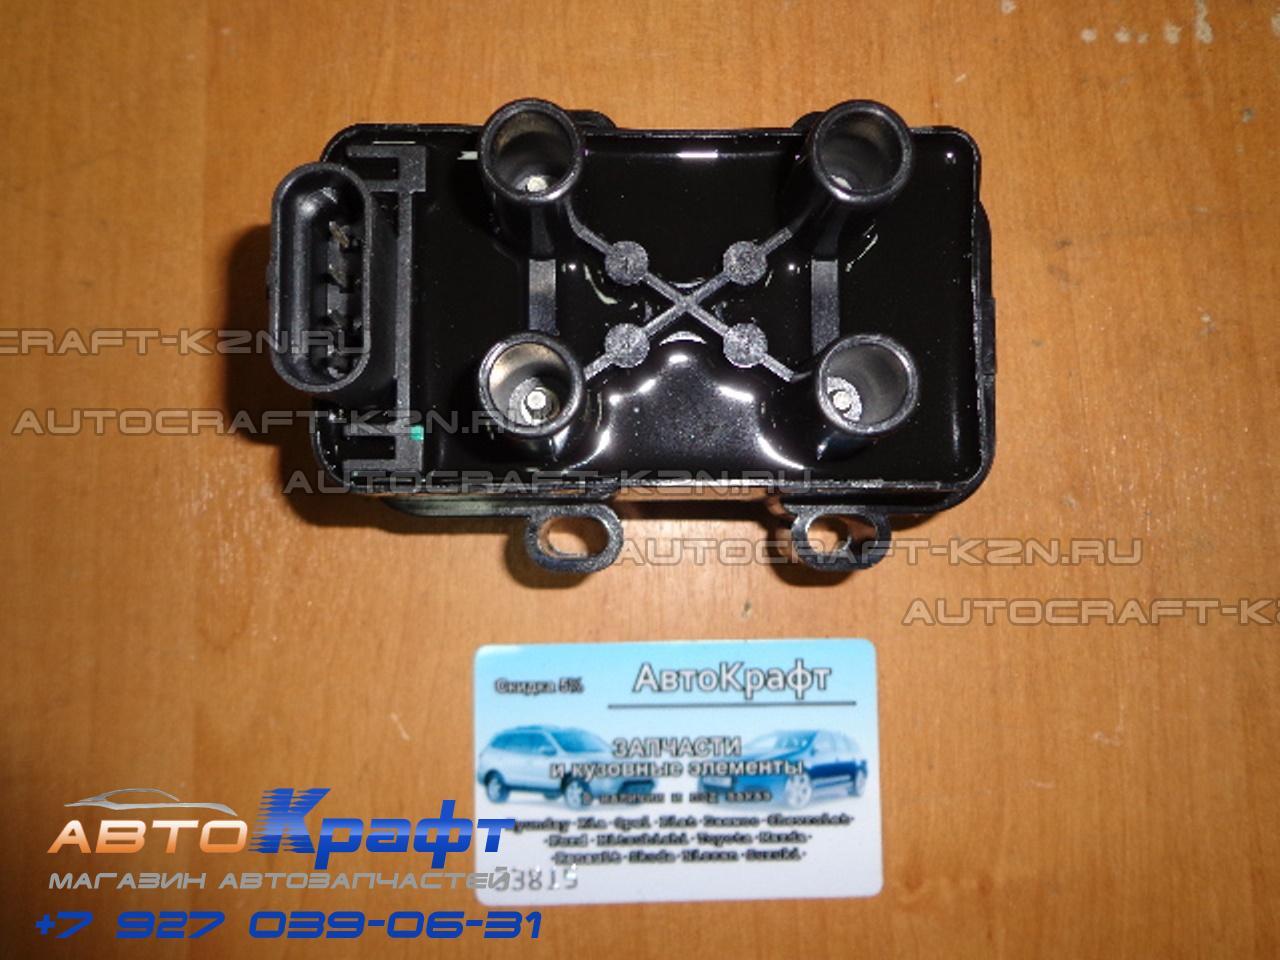 Skoda Fabia Combi 16 TDI с механикой, цены и отзывы